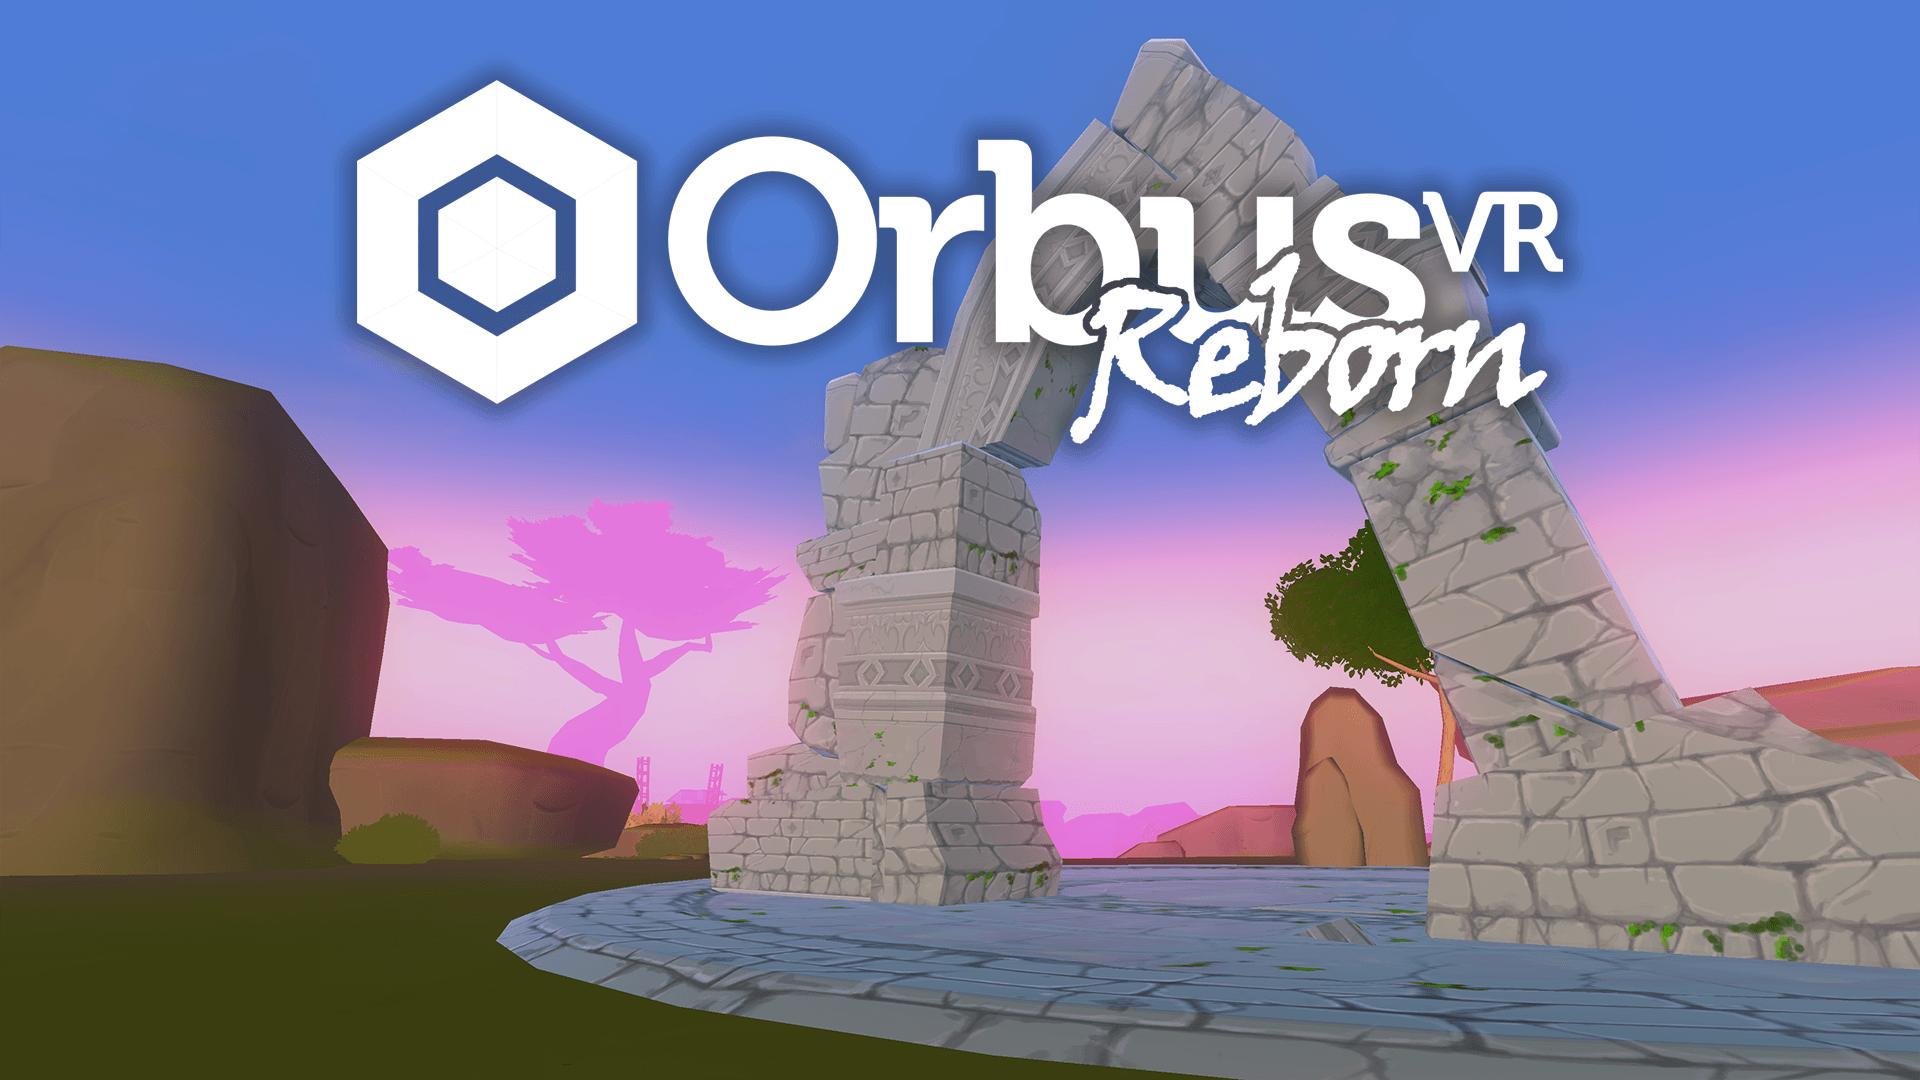 Tölthető az OrbusVR: Reborn frissítés